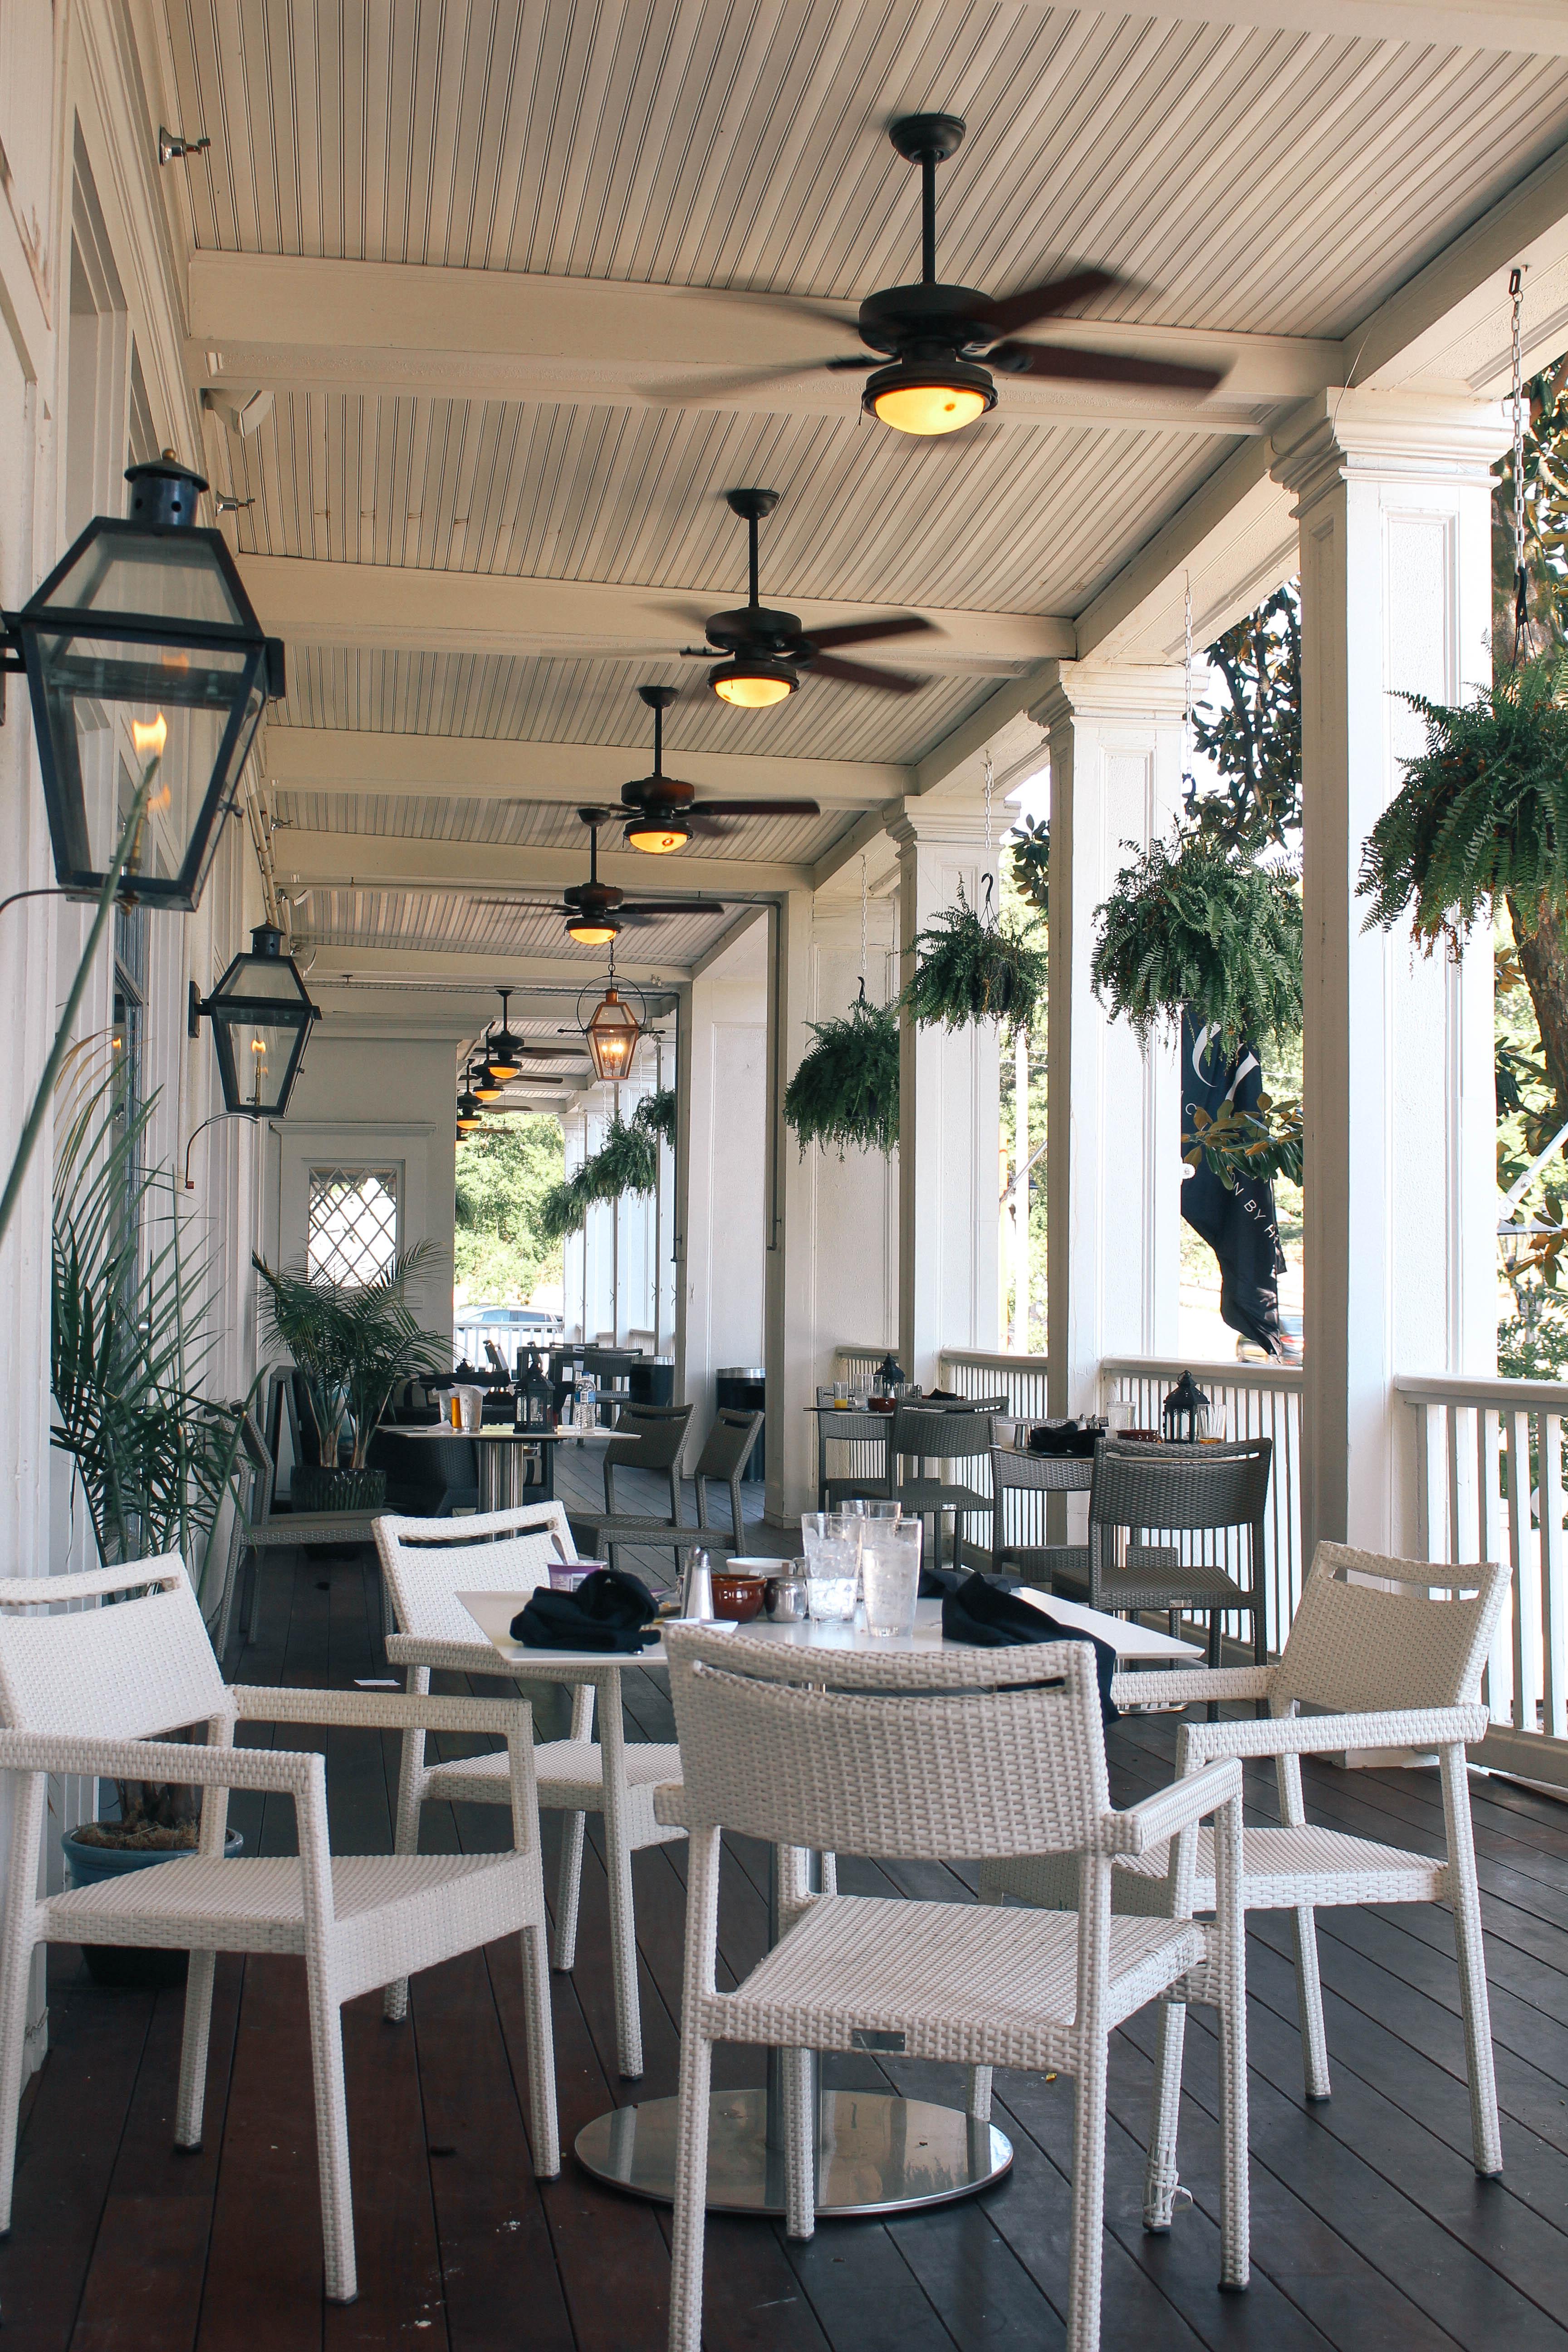 The-Partridge-Inn-Augusta-Georgia-Review-15